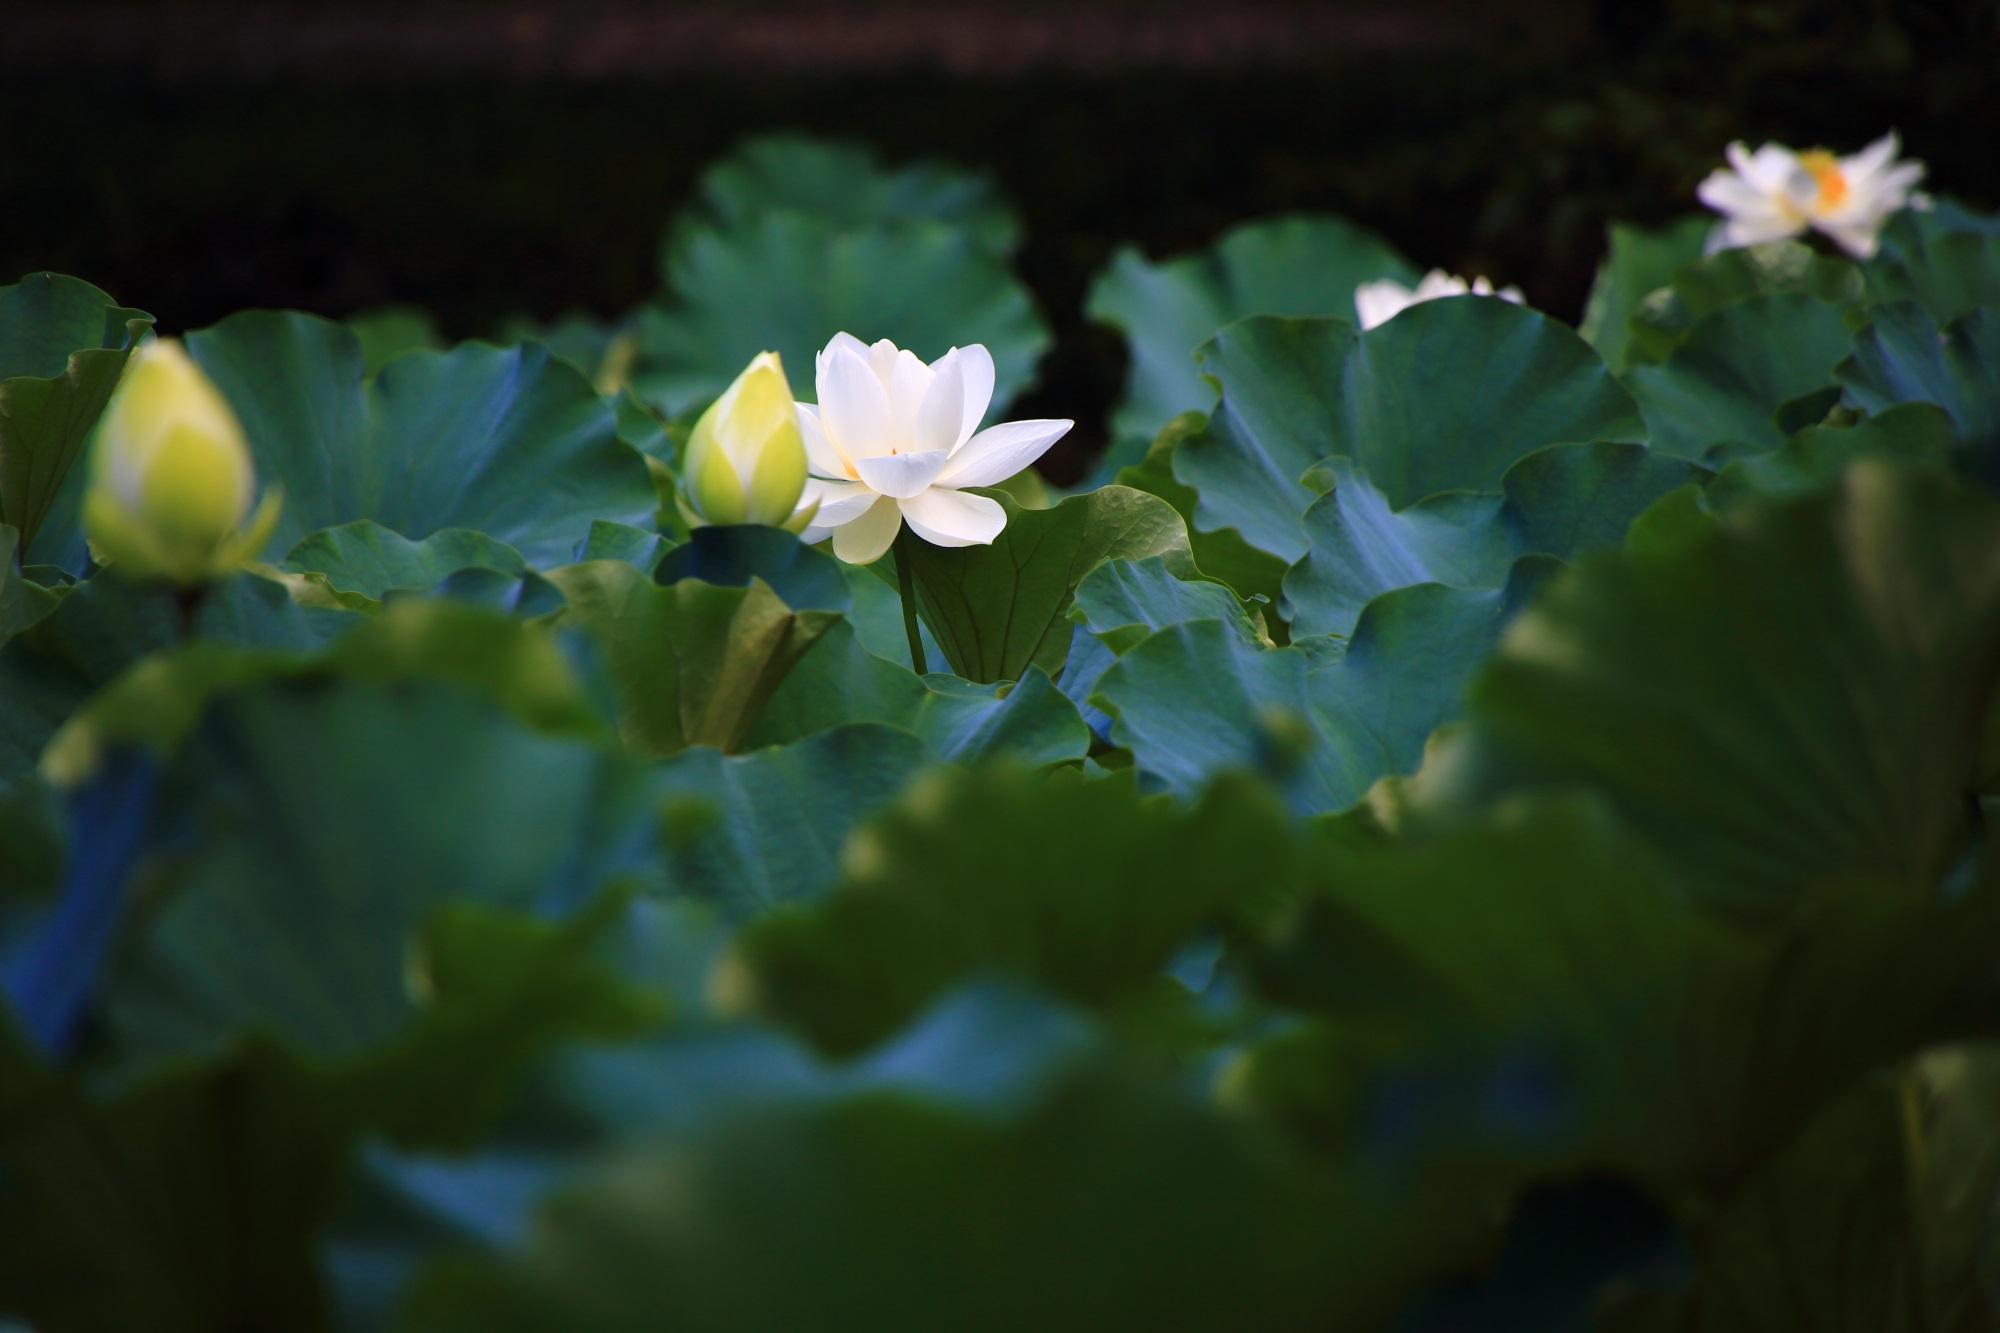 大覚寺の深く落ち着いた緑の中で灯るように咲く白い蓮の花